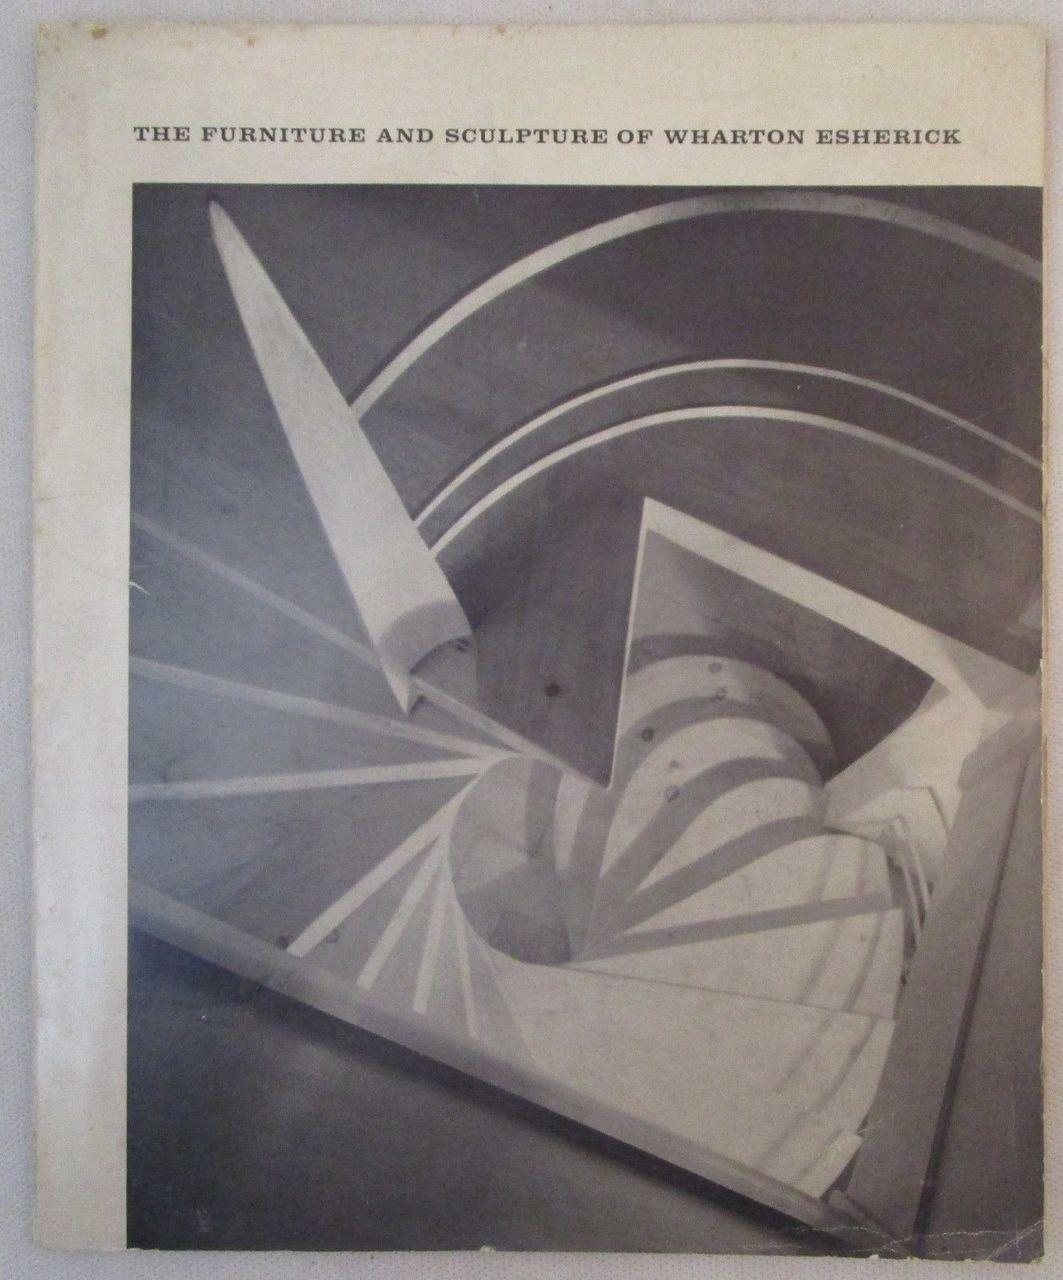 THE FURNITURE & SCULPTURE OF WHARTON ESHERICK - 1958